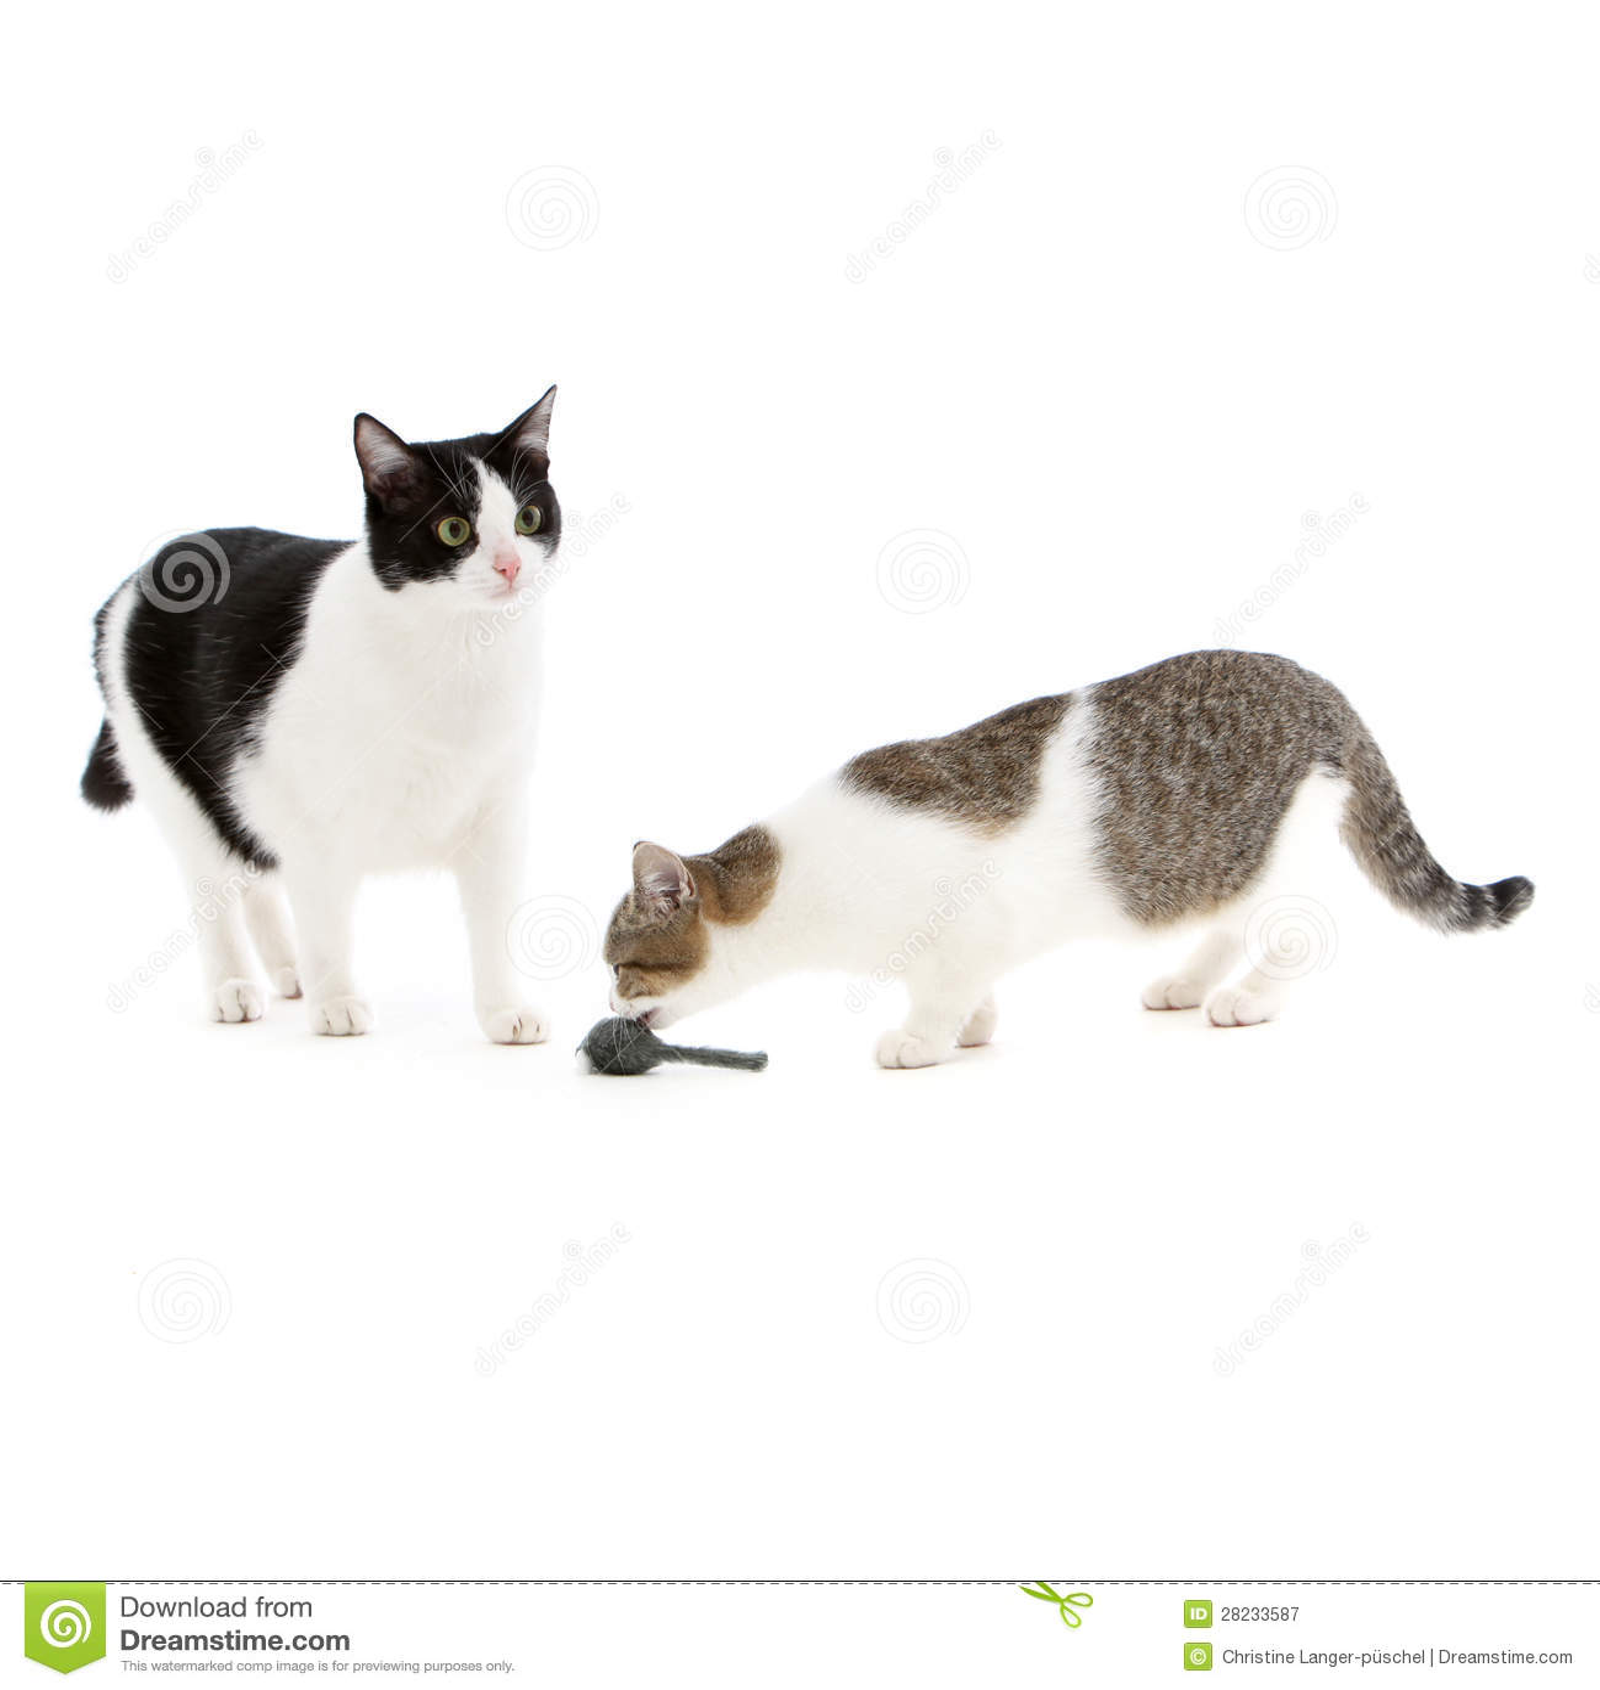 παίζοντας με τη γάτα και το ποντίκι Venus ραντεβού Mars